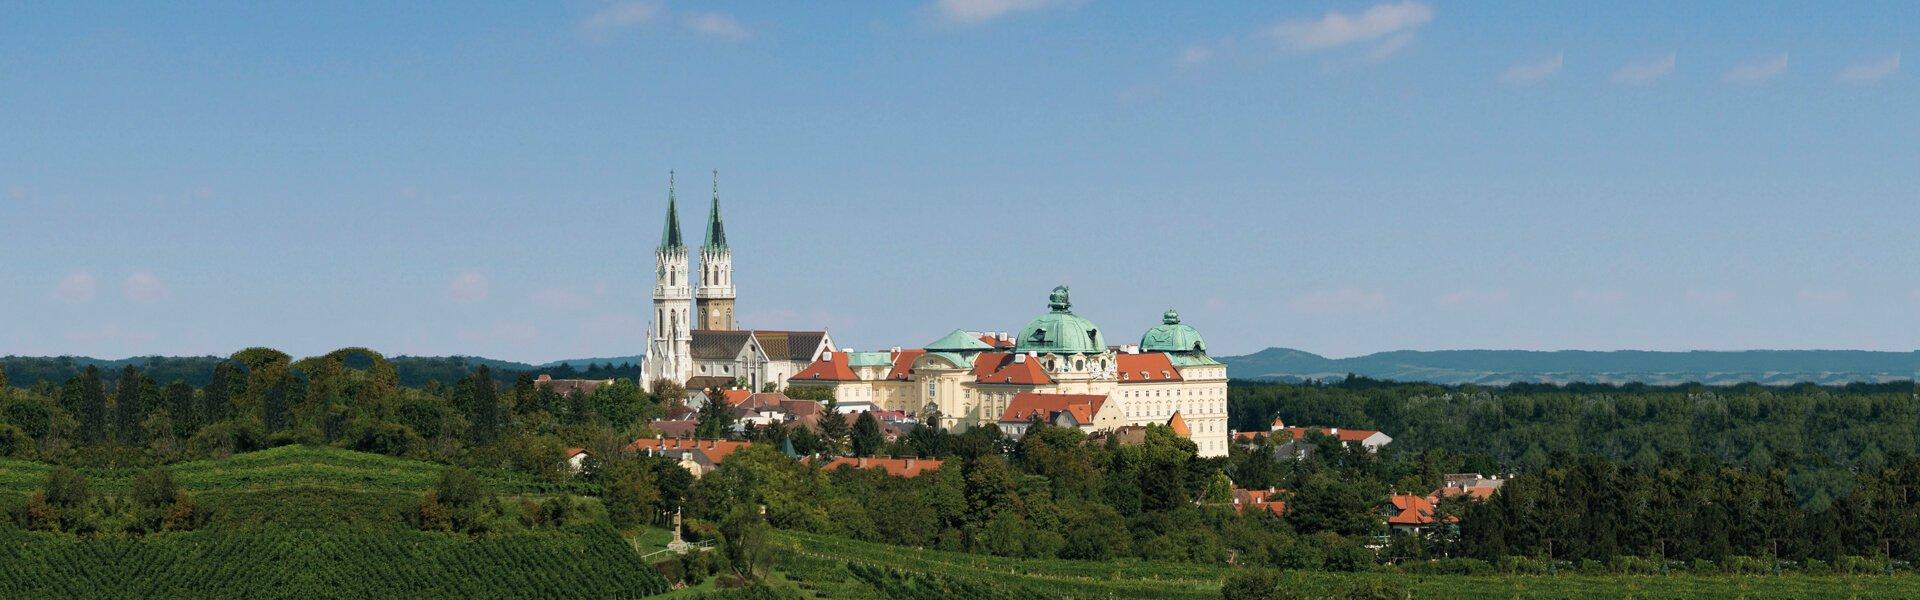 Stift Klosterneuburg mit Weingarten